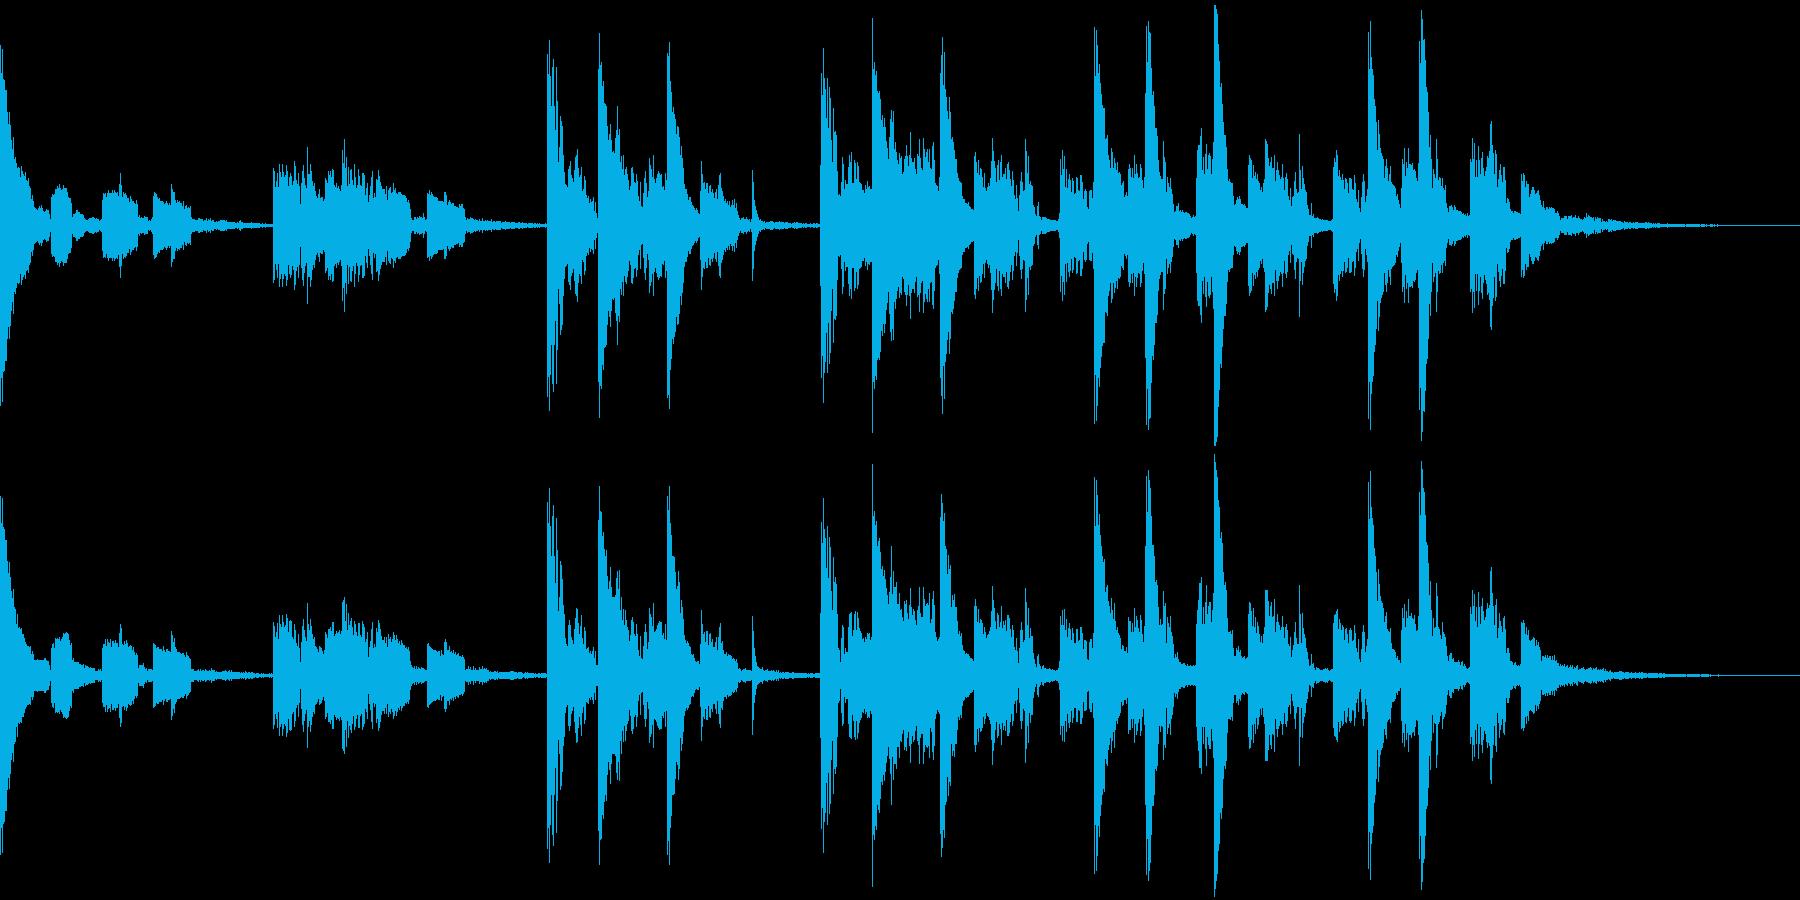 ジャズテイストのテクノBGMの再生済みの波形